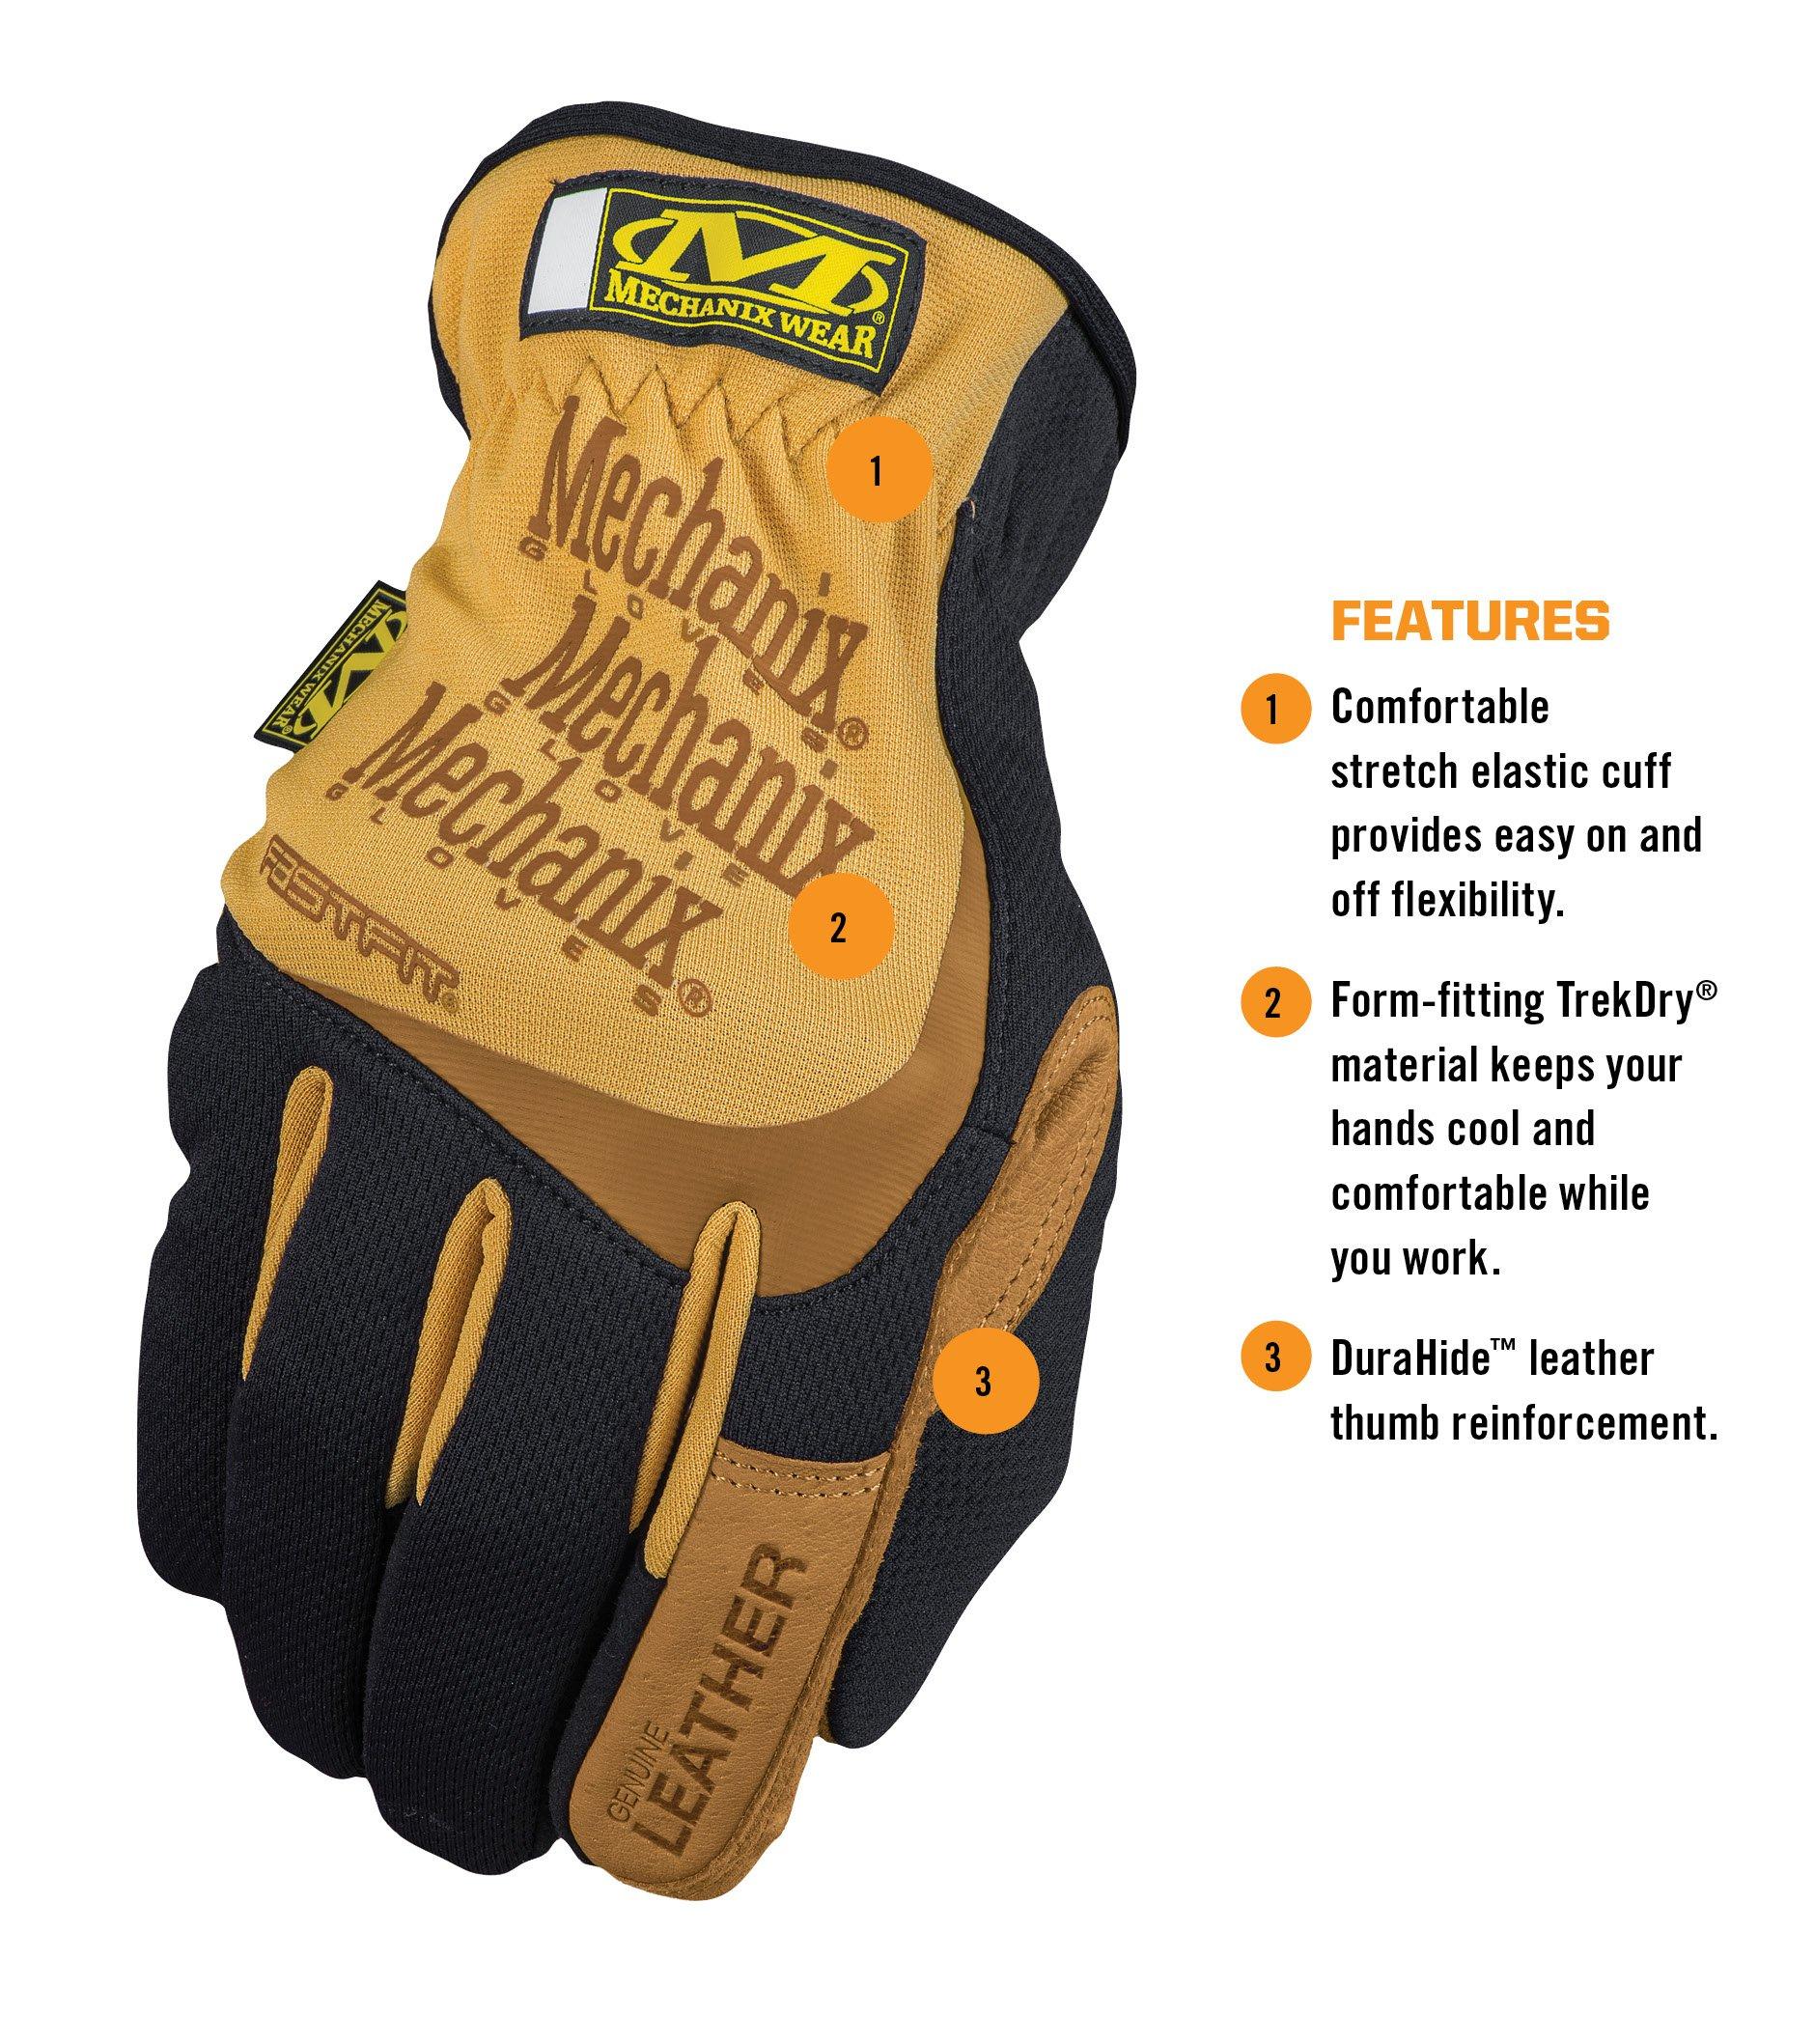 Mechanix Wear - Leather FastFit Gloves (Large, Brown/Black) by Mechanix Wear (Image #2)